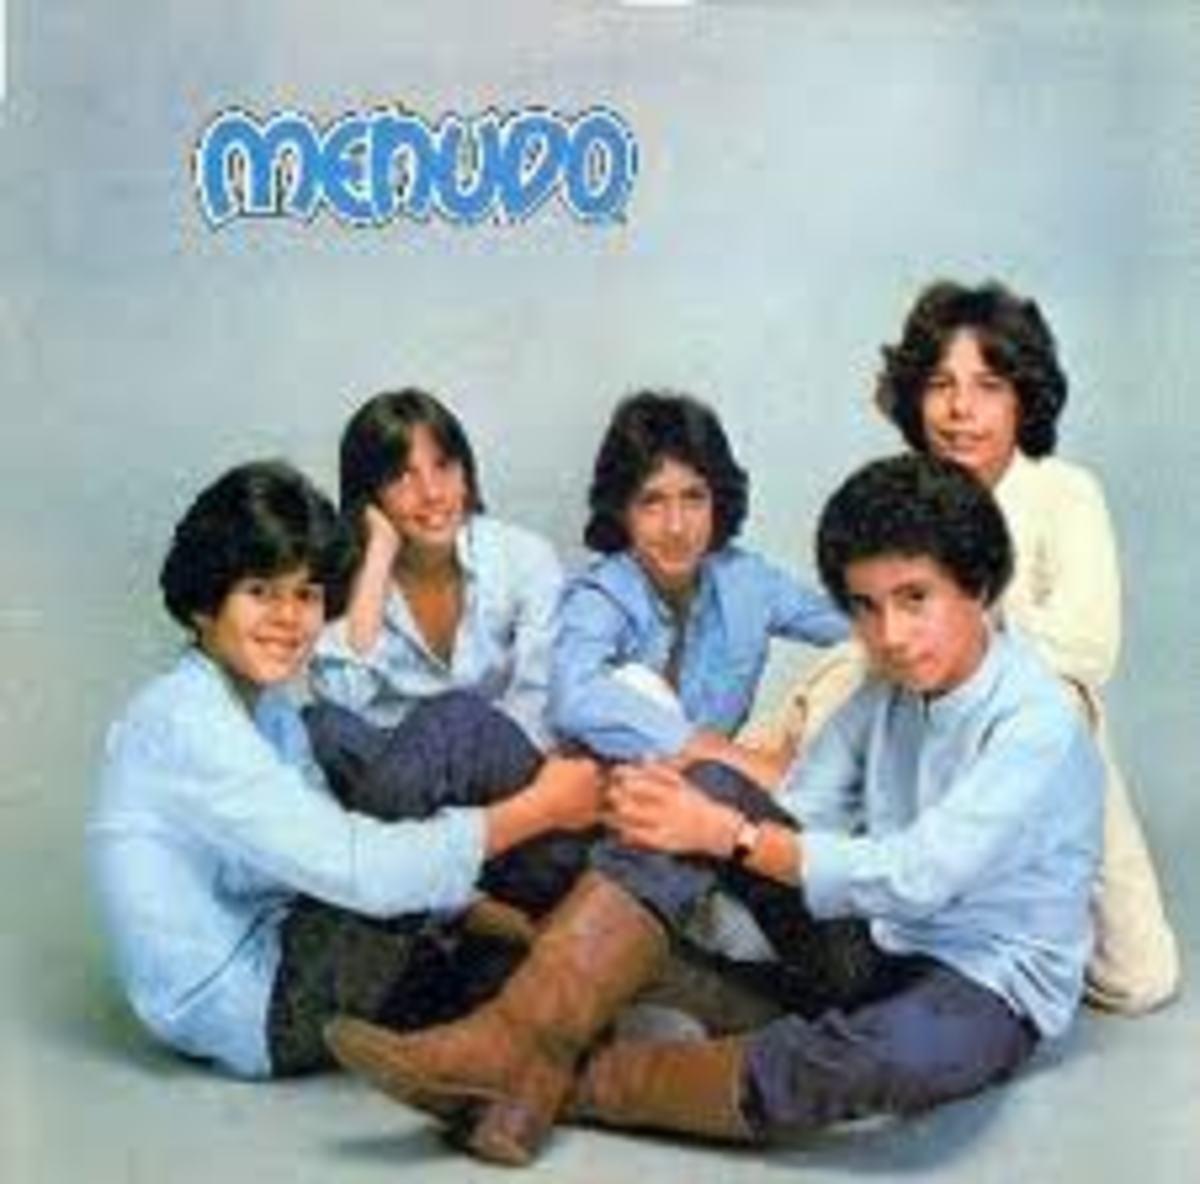 Menudo's 1979 album Chiquitita.